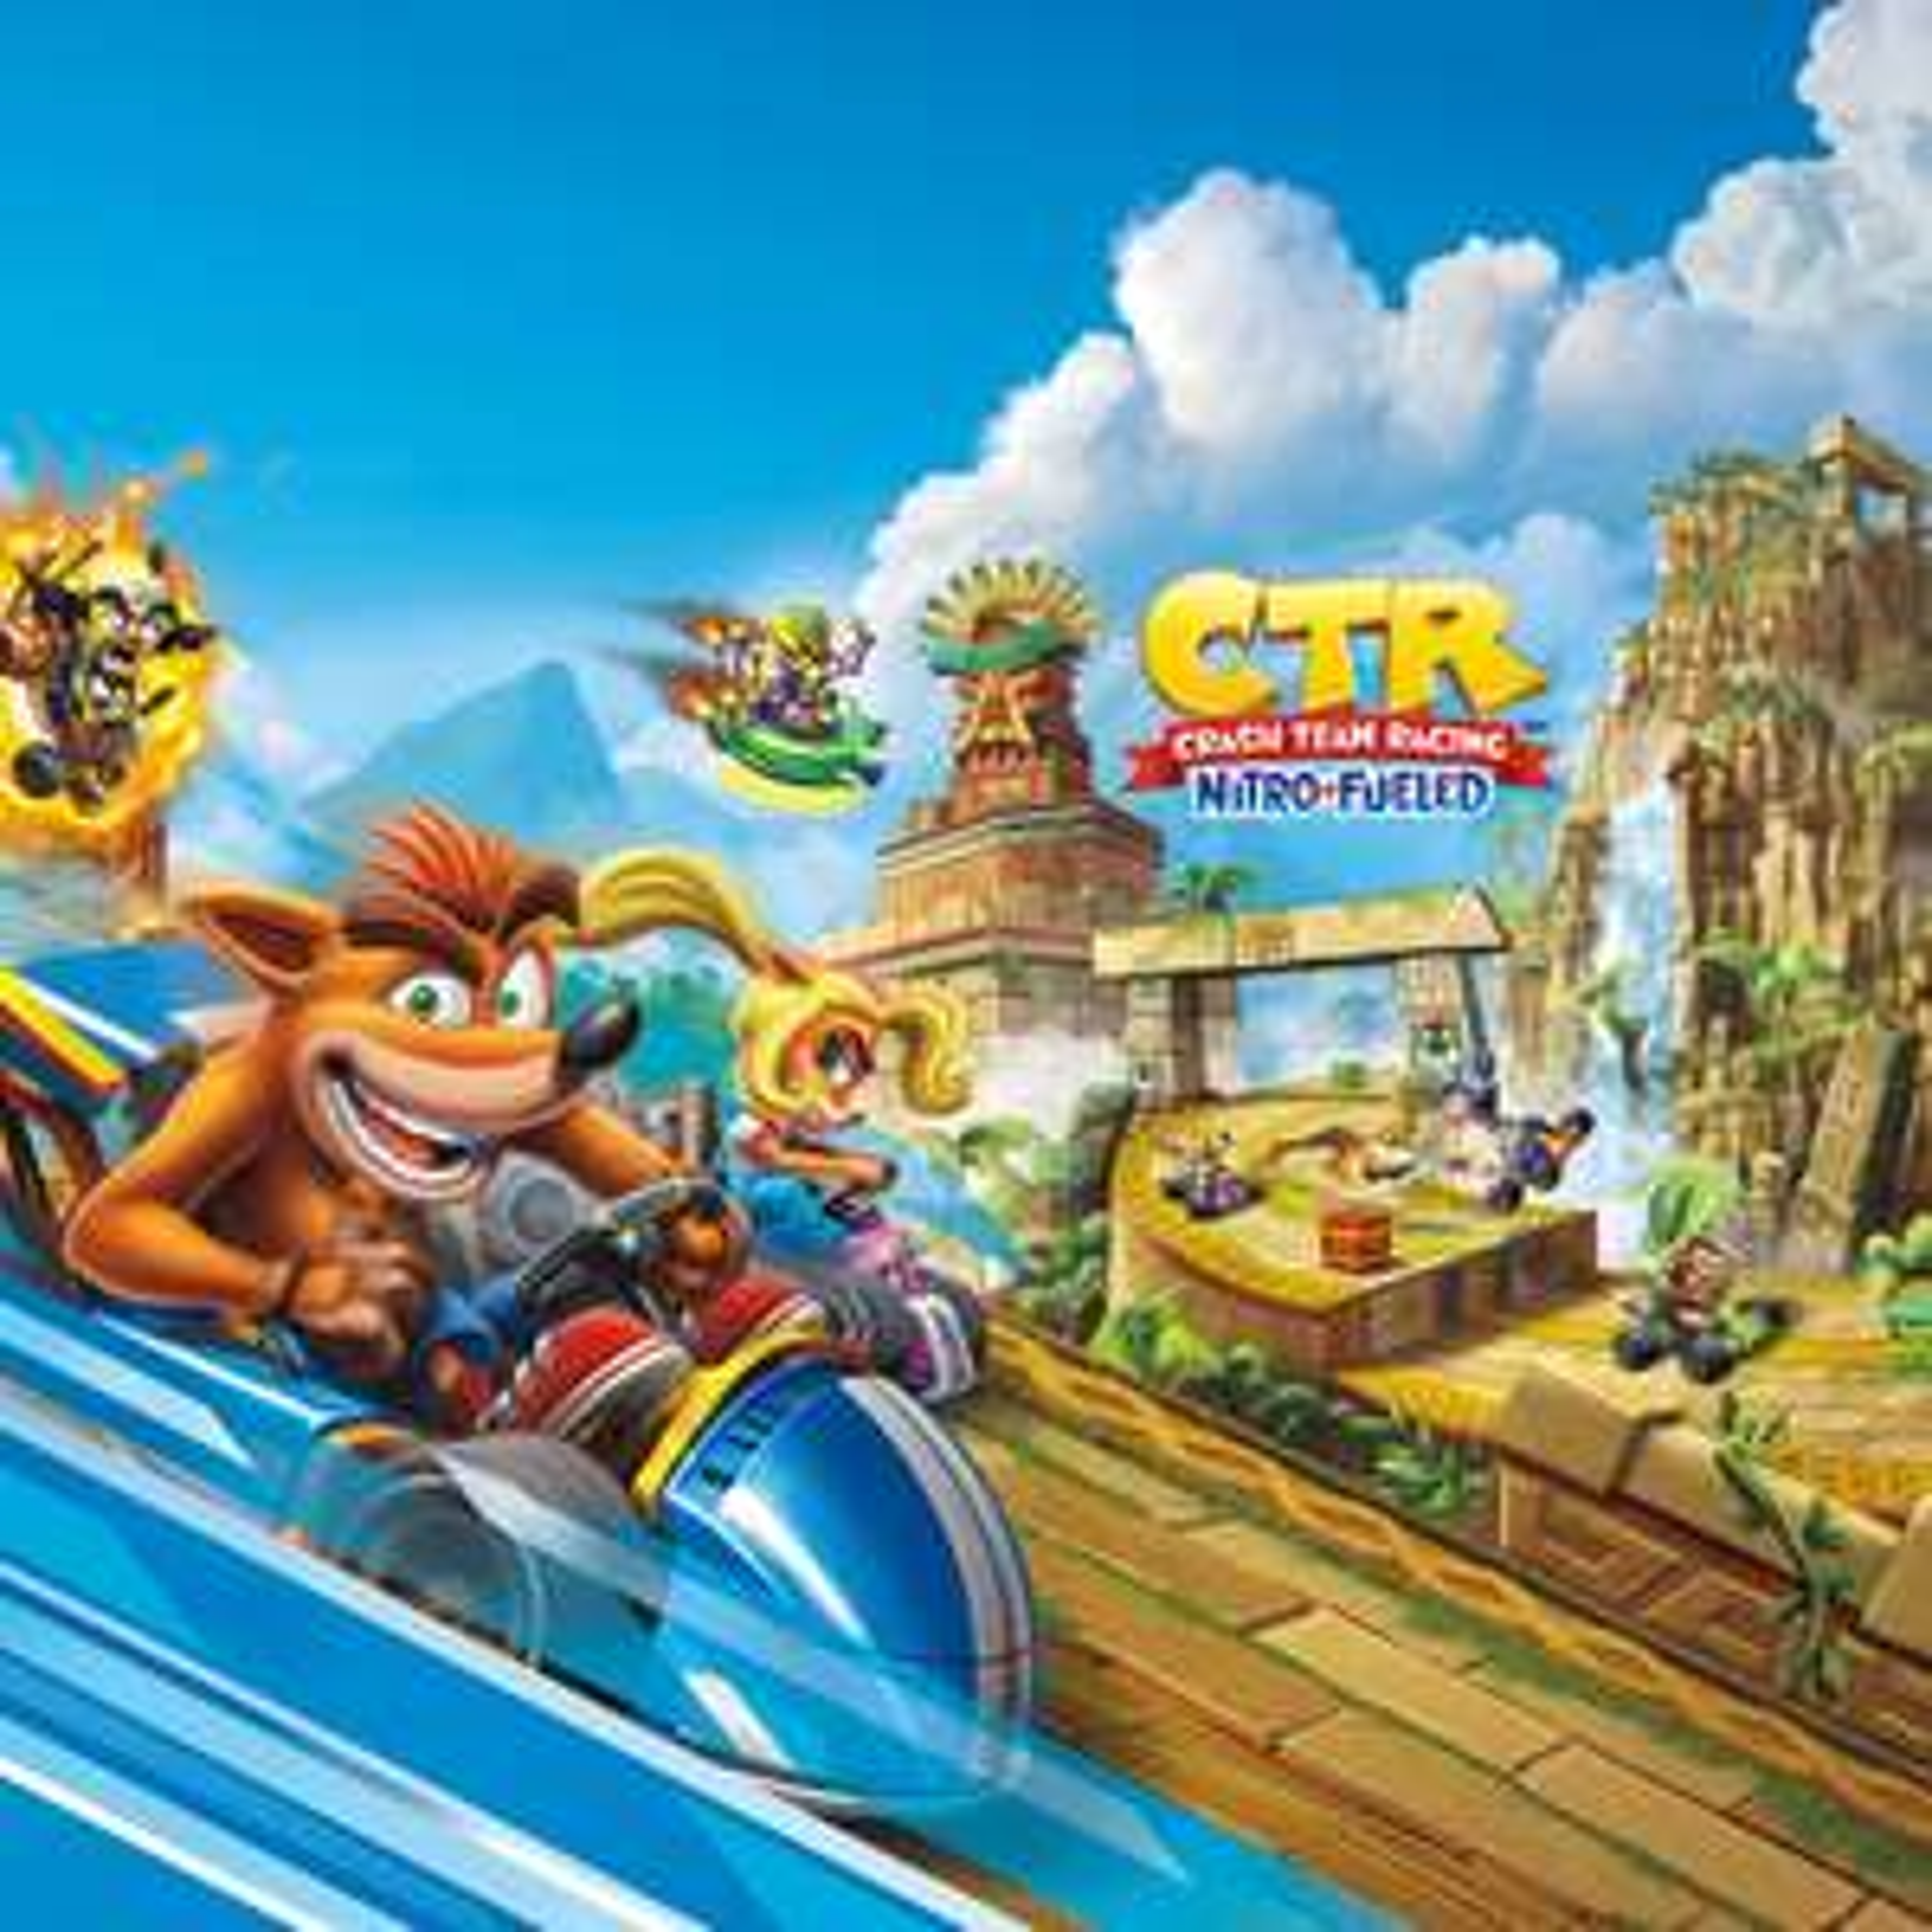 Sélection de jeux vidéo sur Switch en promotion (dématérialisés, store RU) - Ex : Crash Team Racing: Nitro-Fueled